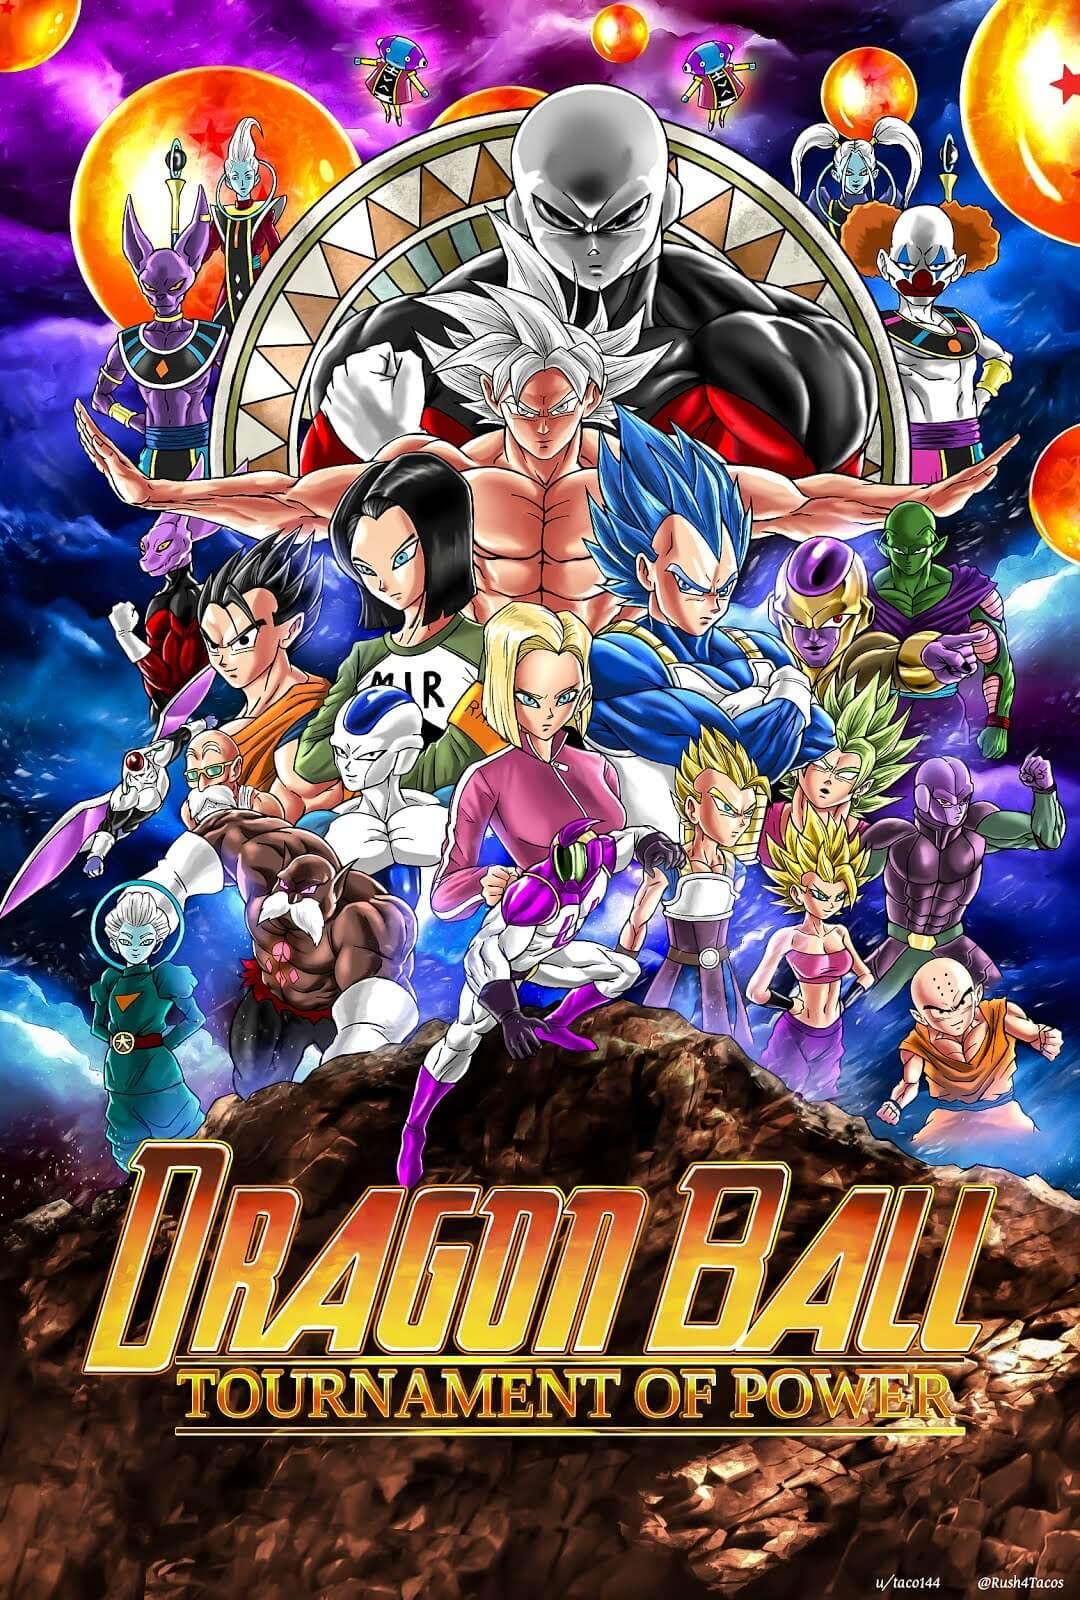 Descargar manga de Dragon Ball Super a Color en PDF por Mega y Mediafire completo en español